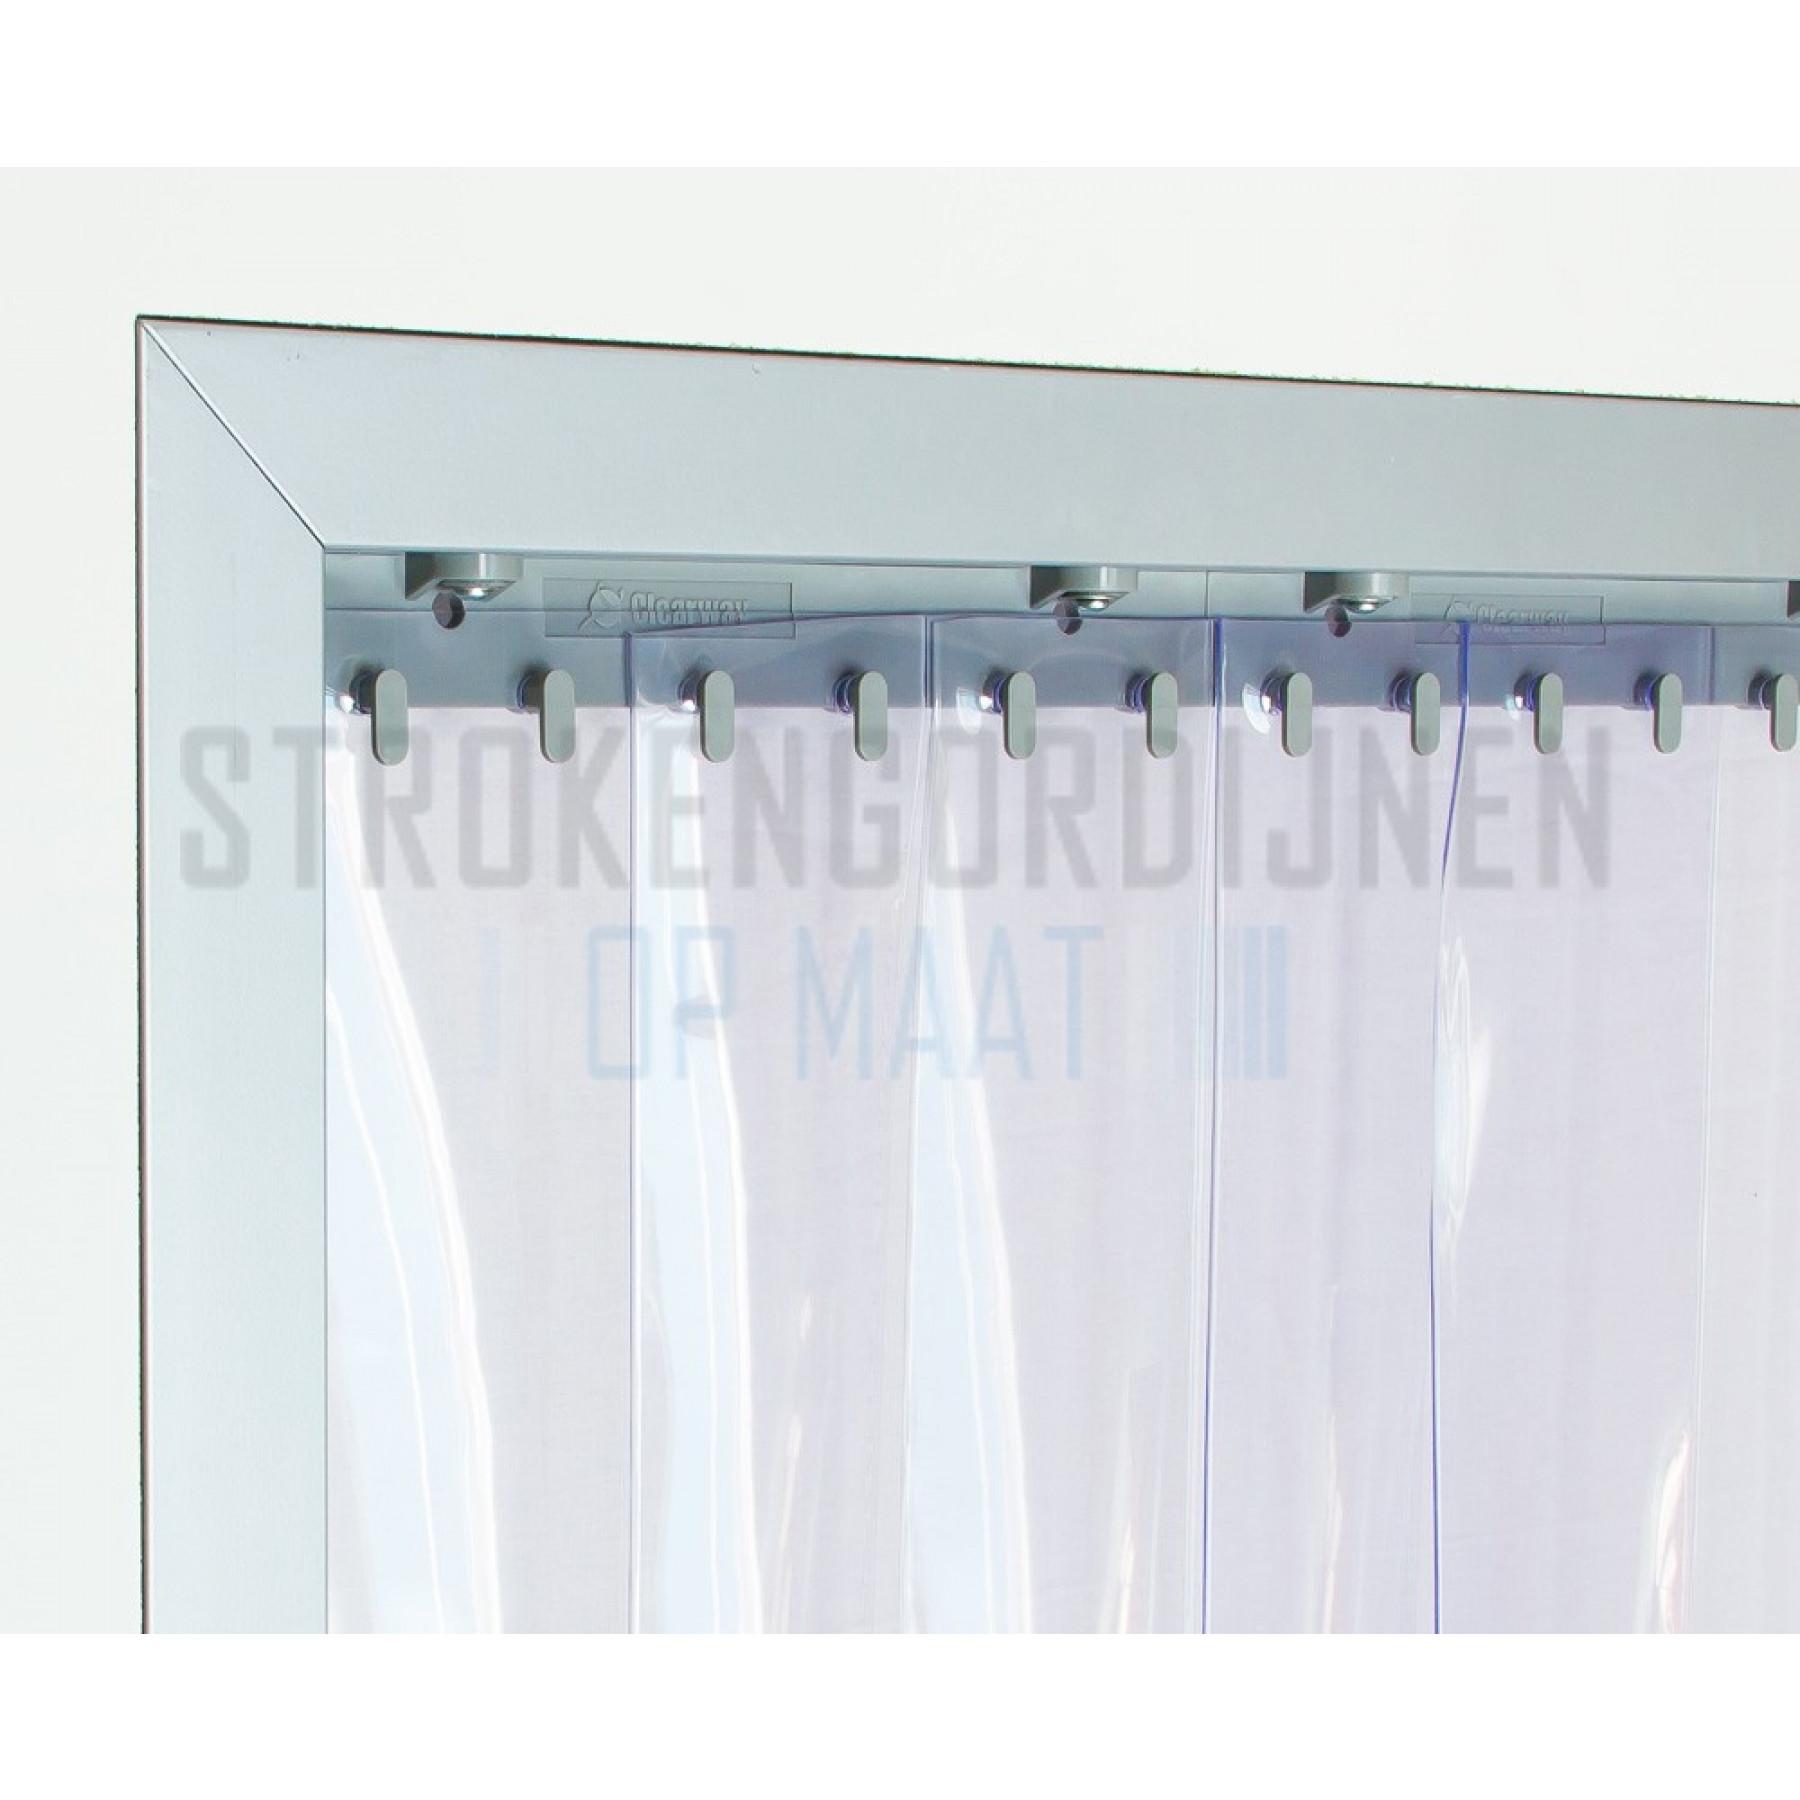 PVC stroken op maat, 200mm breed, 2mm dik,super diepvrieskwaliteit, transparant